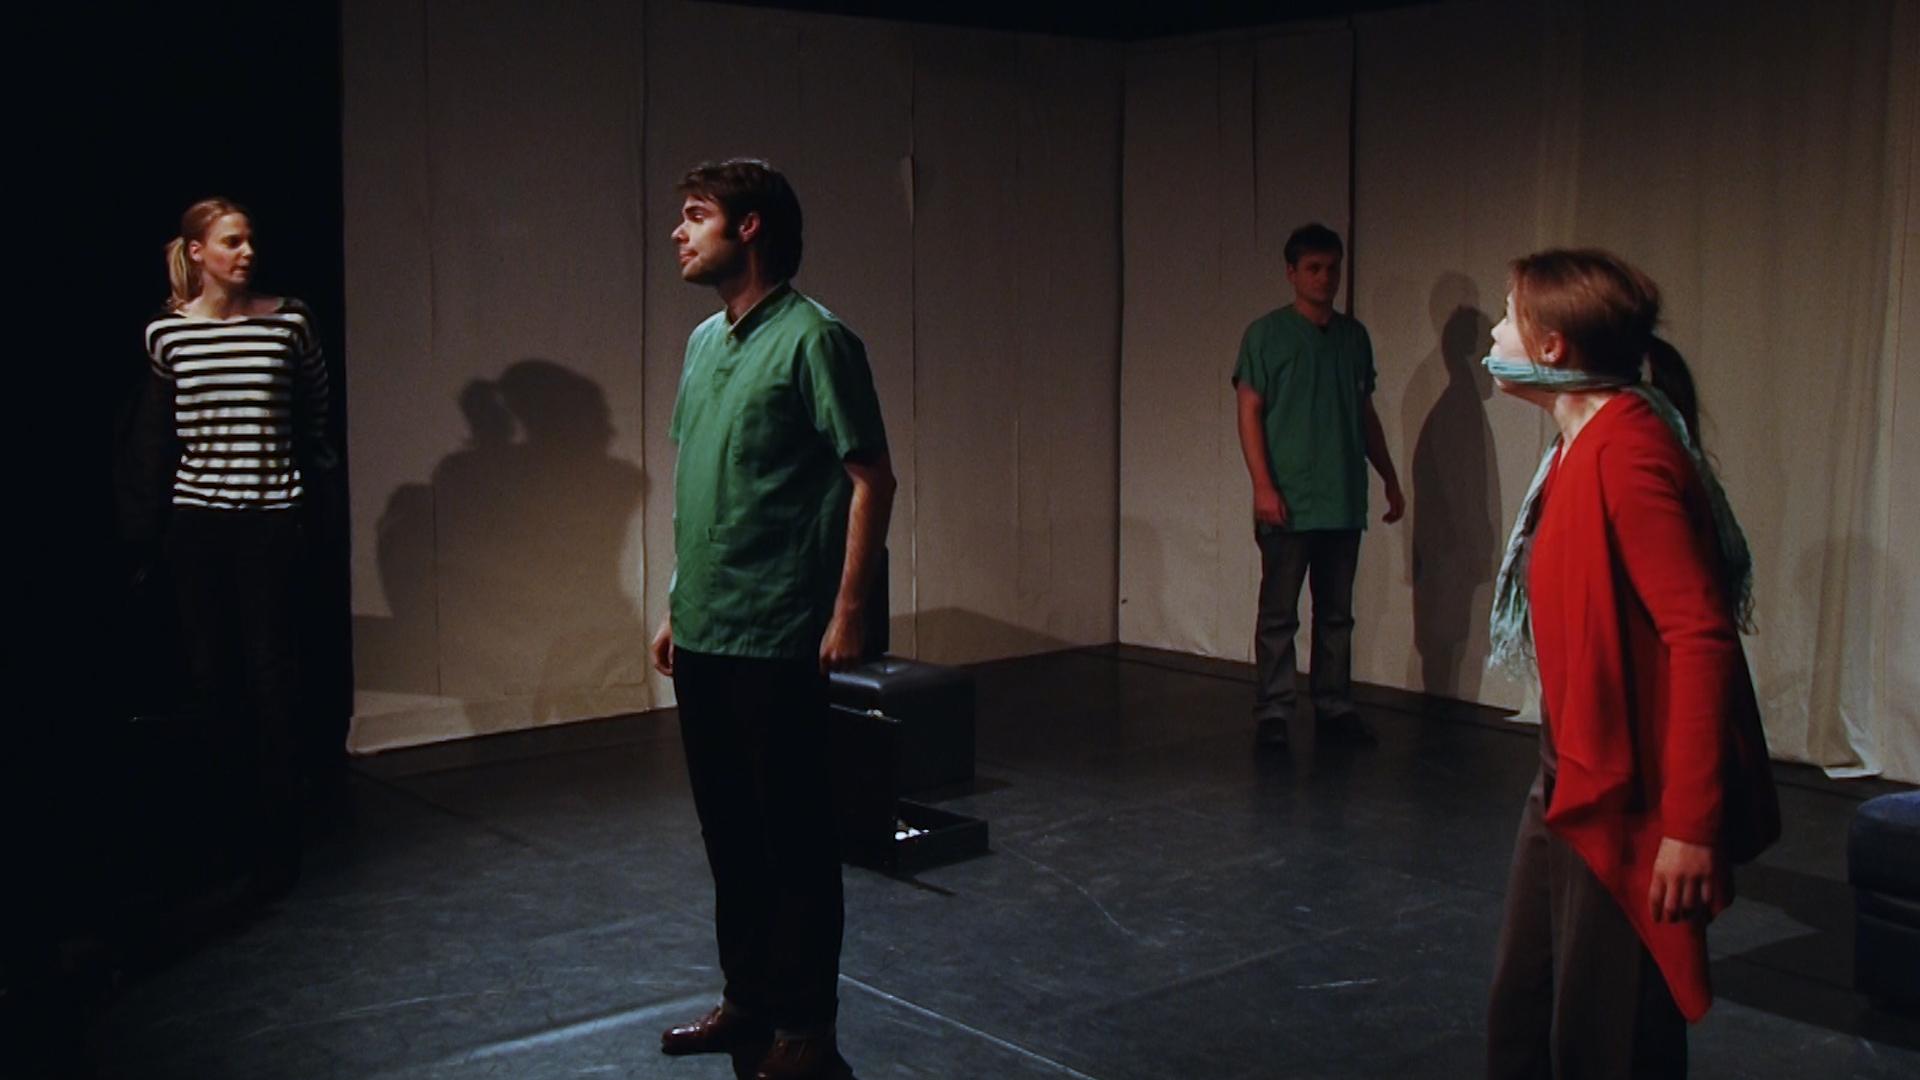 [ 2012 Novembre ] La nuit des fauves @ Gaëlis Production - Mise au point 01